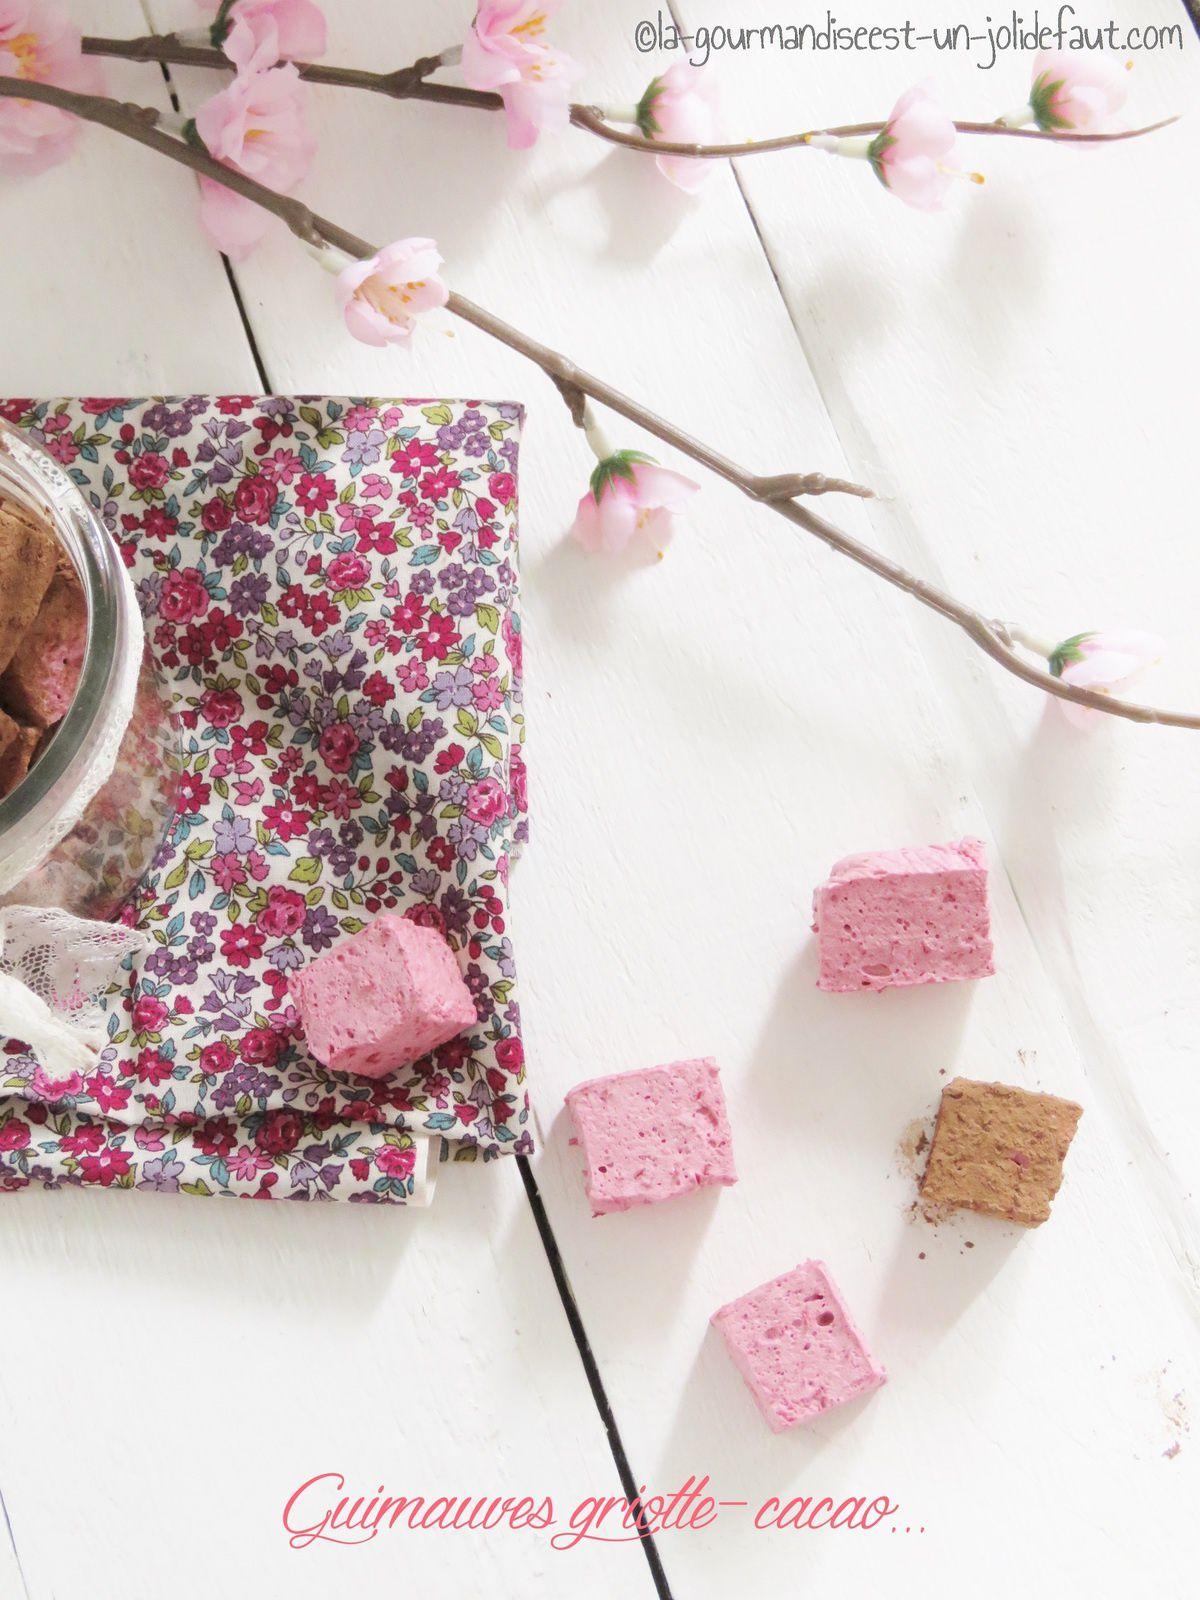 Guimauves à la cerise griotte enrobées de cacao